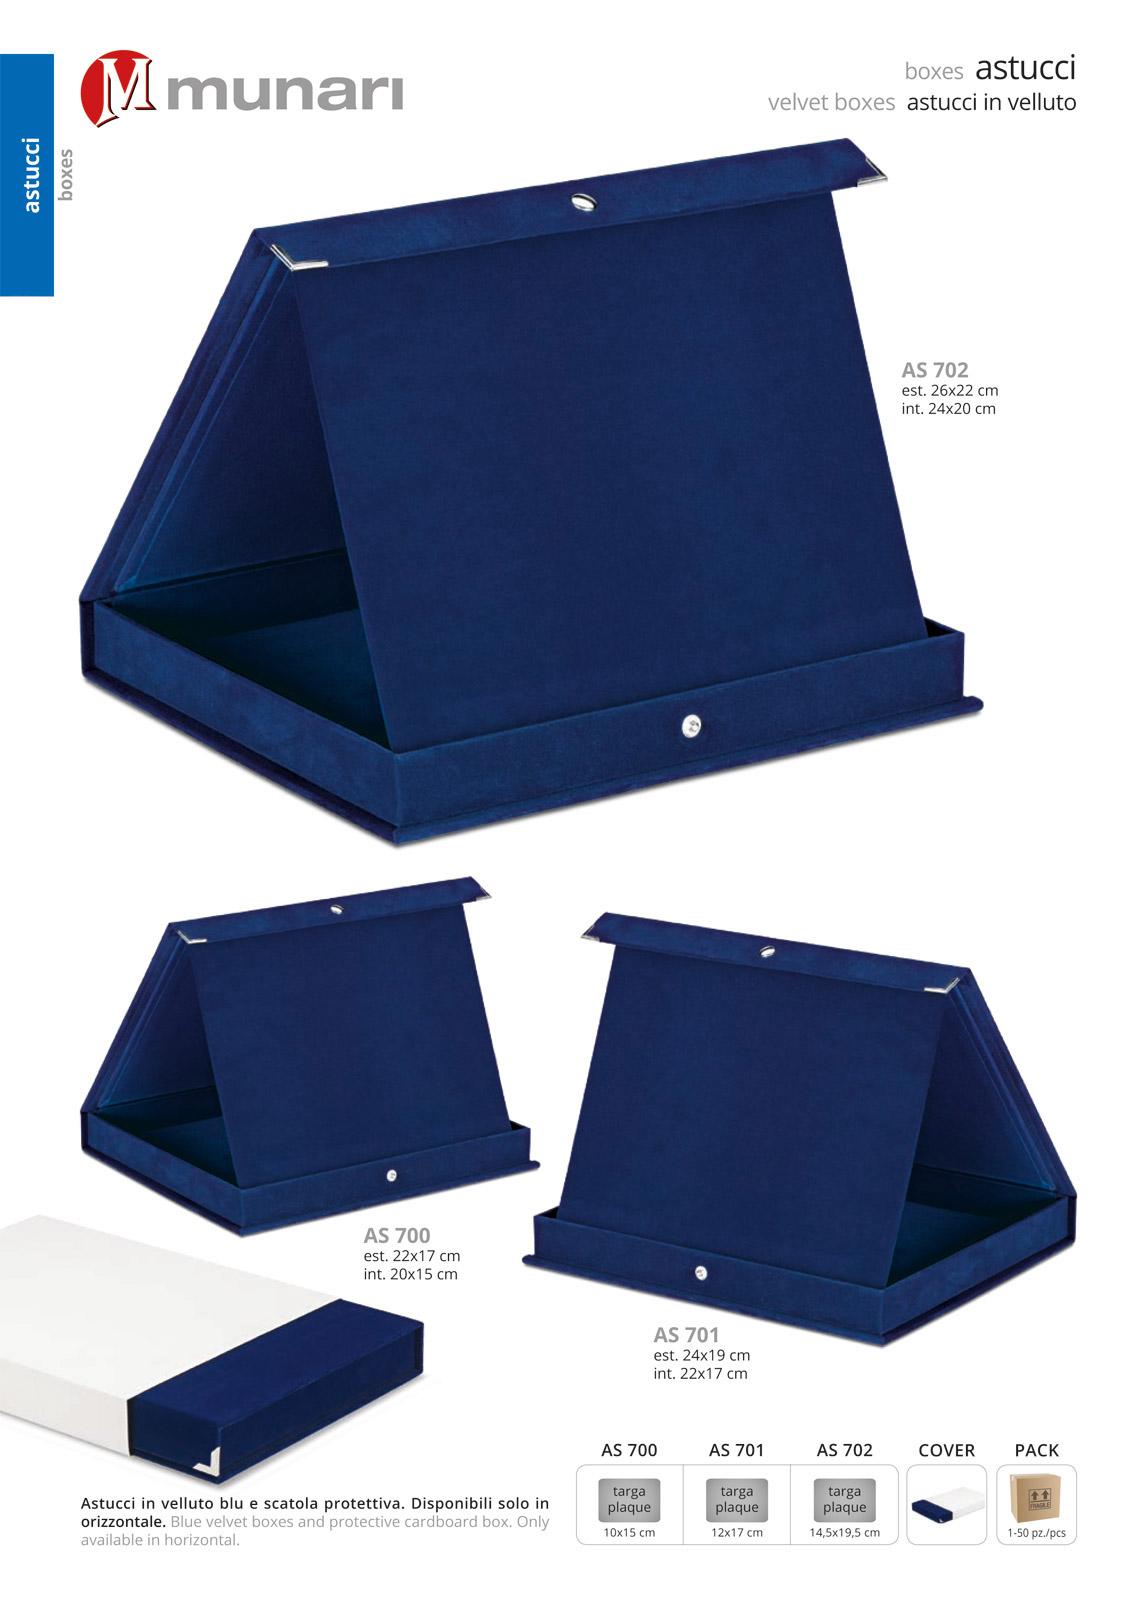 Astucci in velluto blu serie AS 700